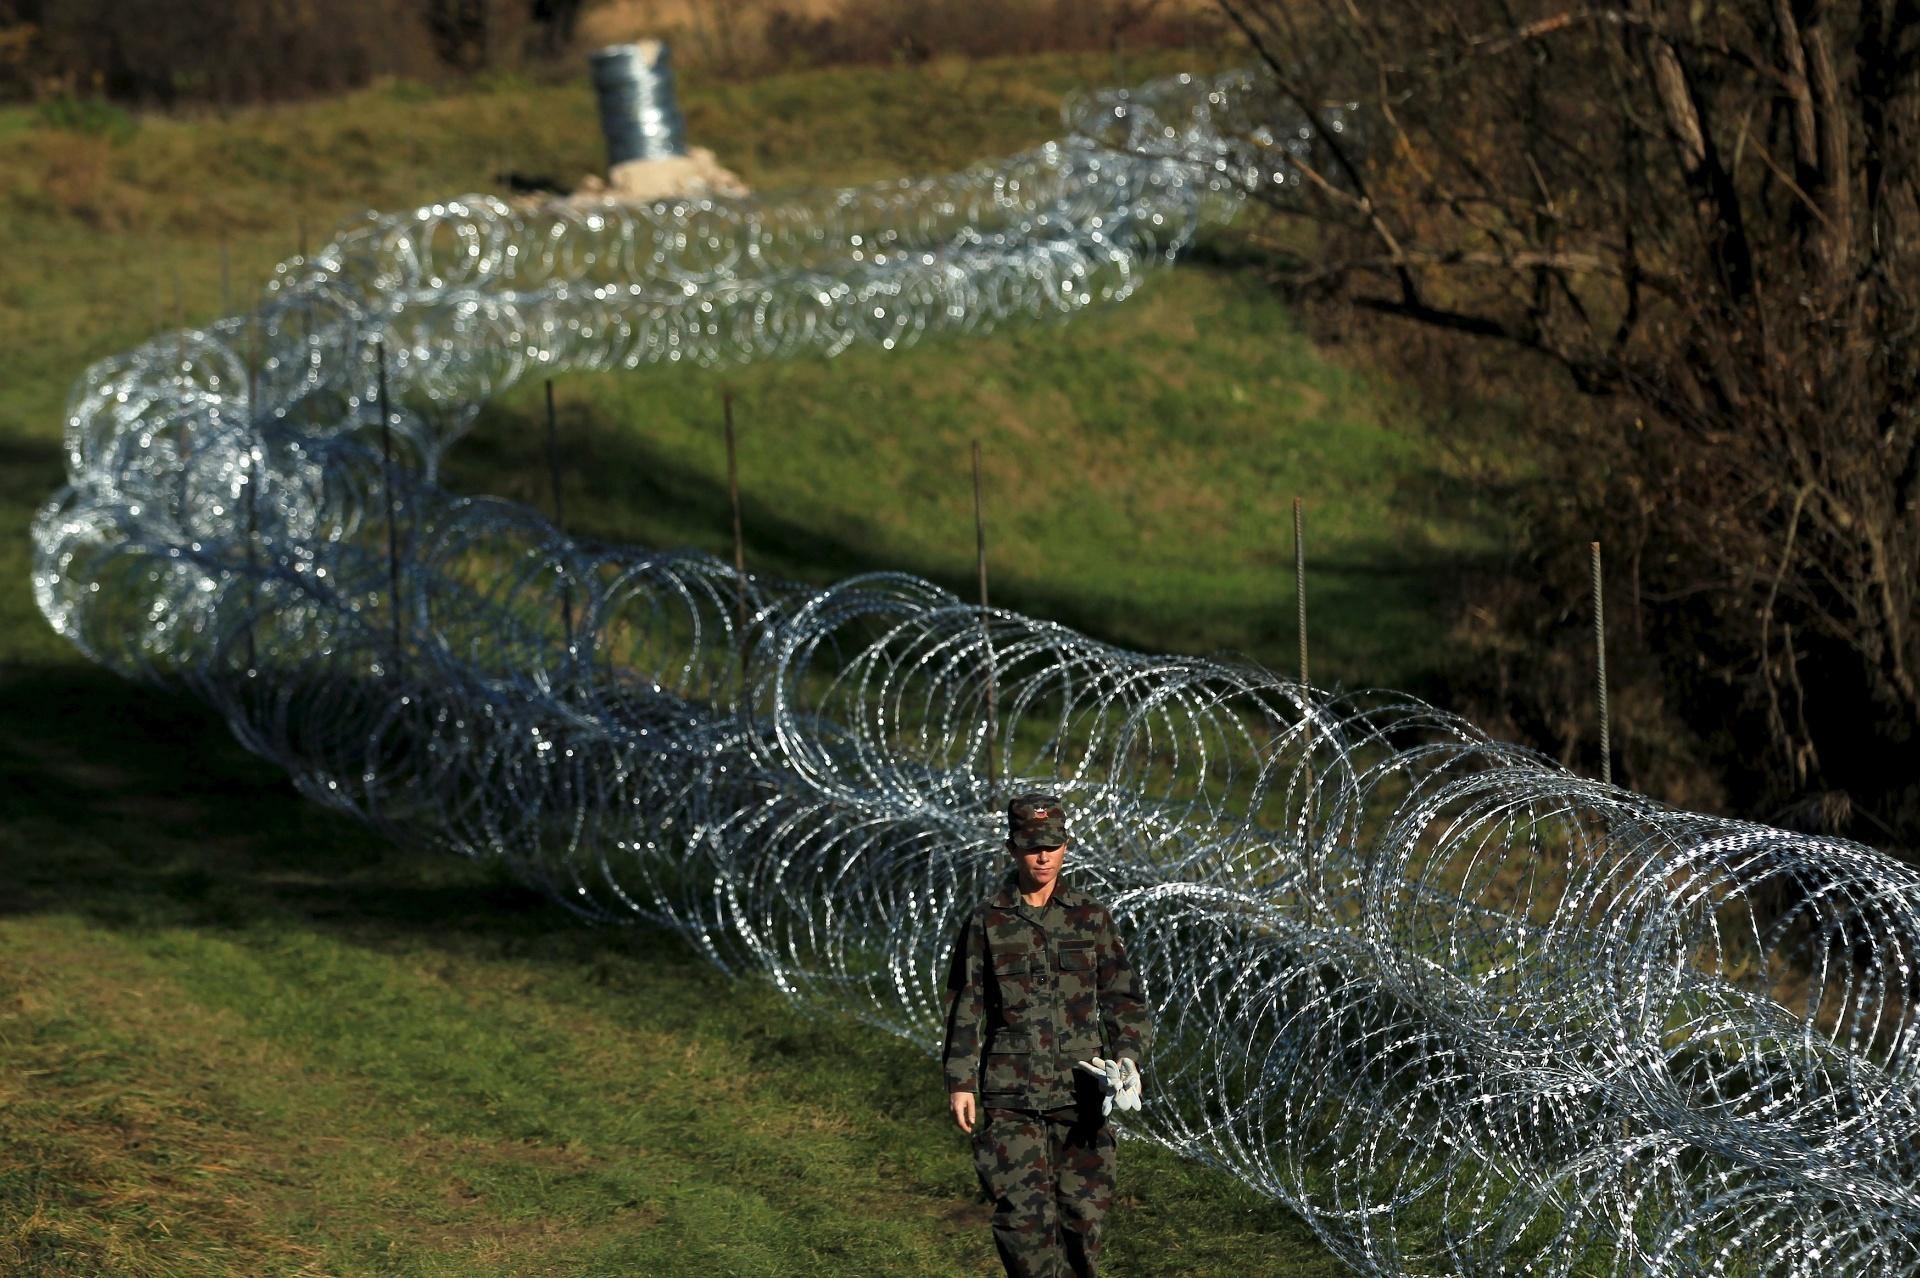 11.nov.2015 - Soldado caminha por cerca de arame armada pelo exército na aldeia de Veliki Obre?, na Eslovênia, próxima da fronteira com a Croácia, um dia depois de o governo esloveno informar que começaria a construção de barreiras para controlar o fluxo de refugiados